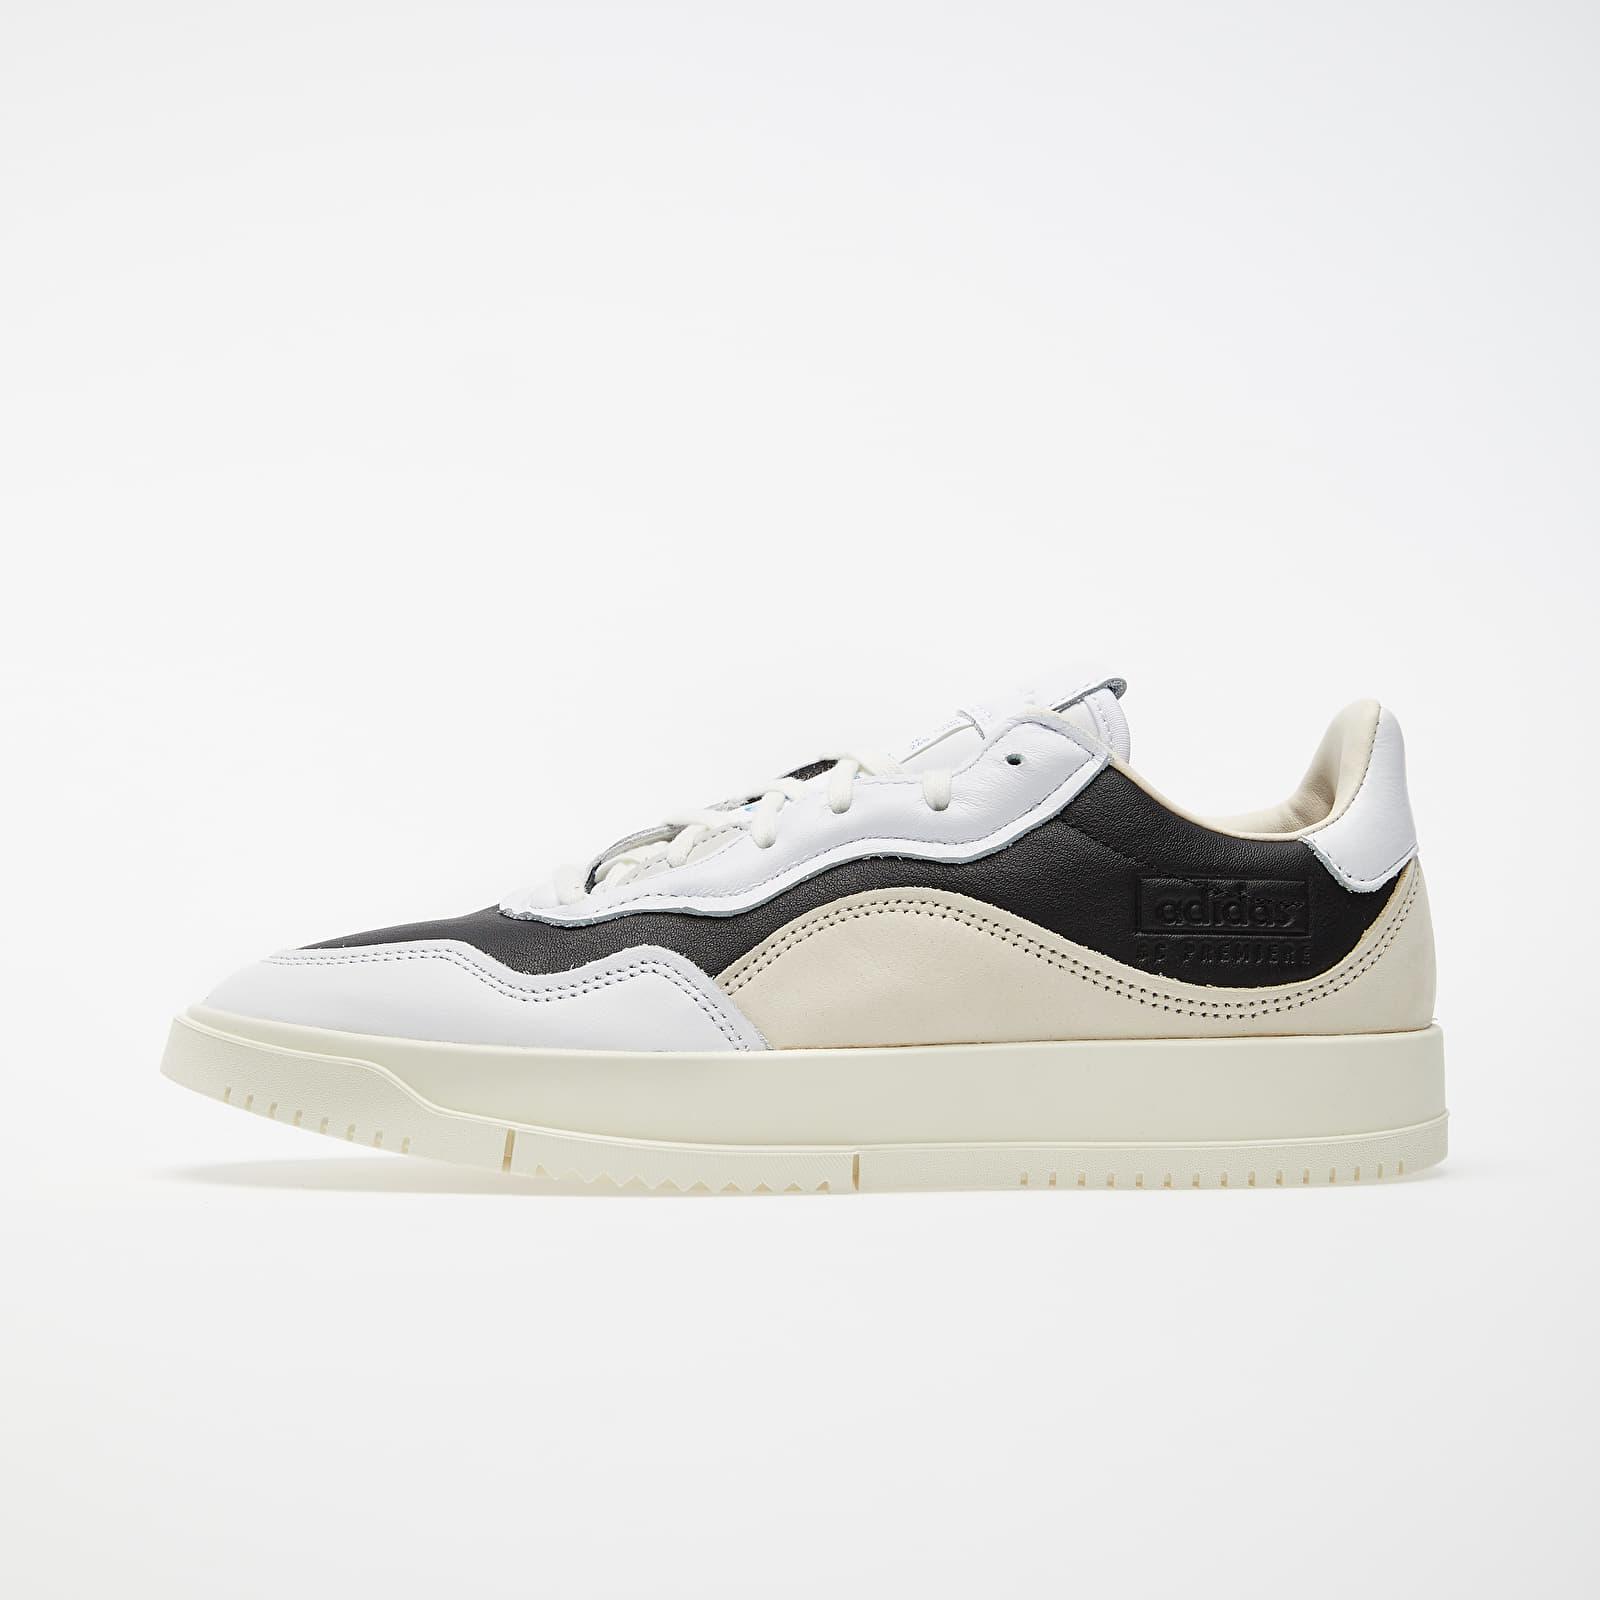 Muške tenisice adidas SC Premiere Ftw White/ Off White/ Core Black